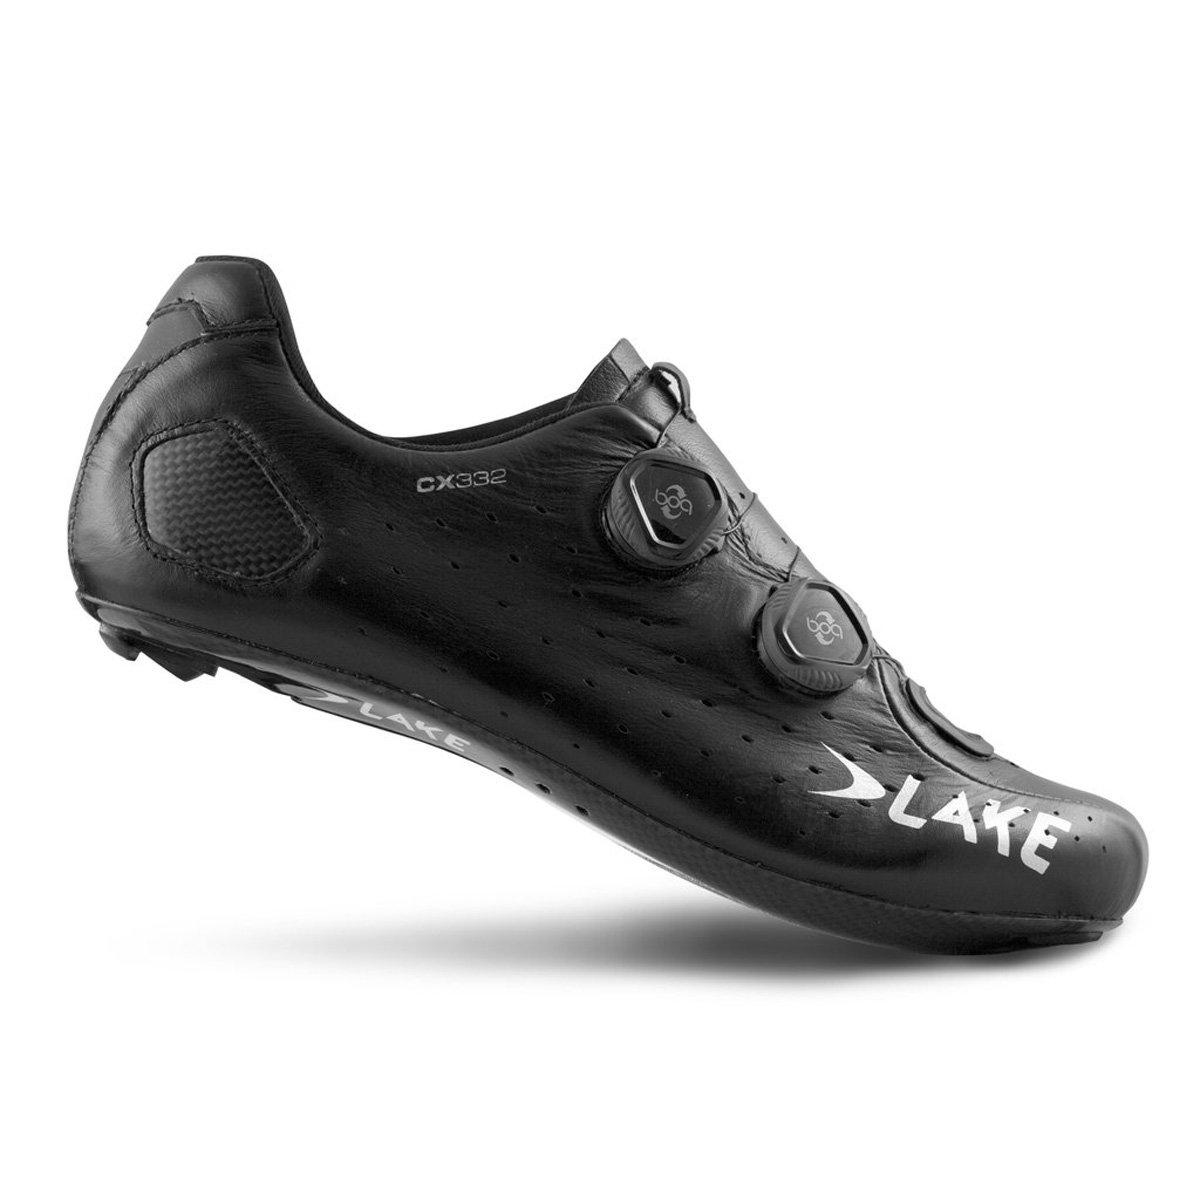 湖Cycling 2017メンズcx332 Road Cycling Shoe – ホワイト B06XHP2W7L 46|ブラック/シルバー ブラック/シルバー 46